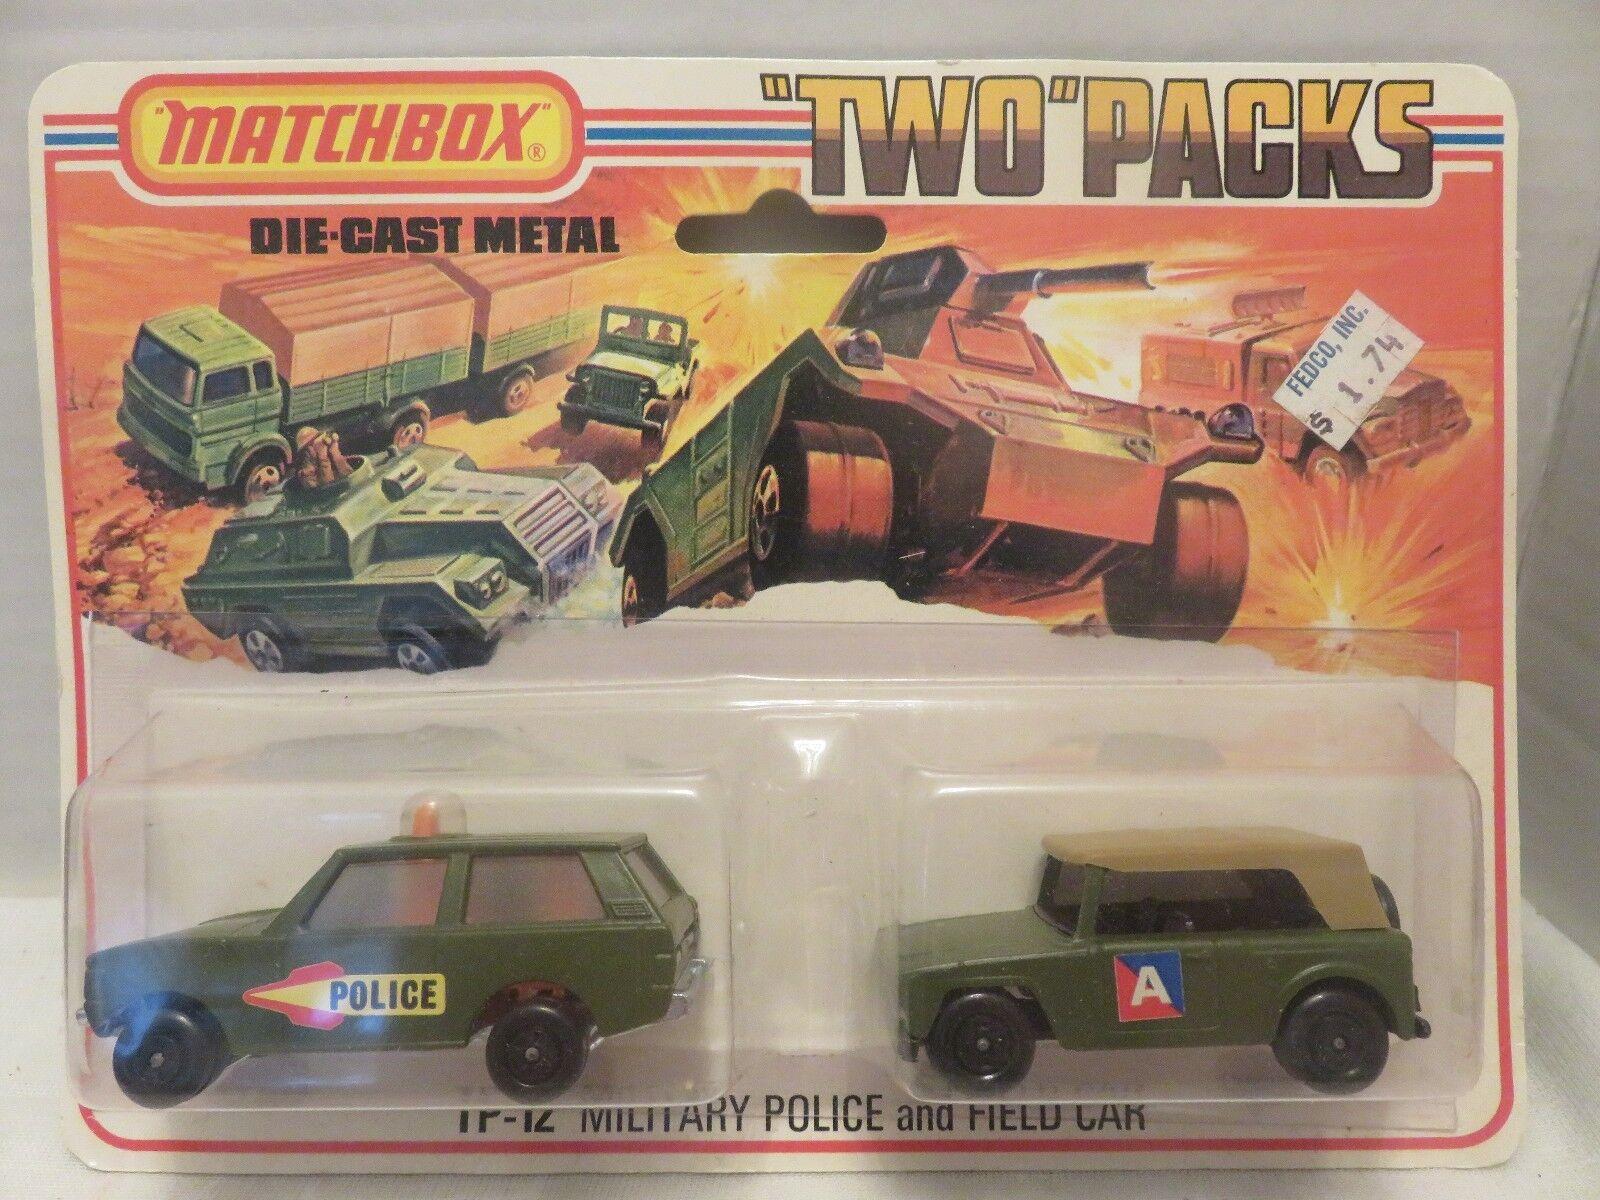 MATCHBOX LESNEY deux paquets Patrouille Militaire Champ Voiture Die-cast métal Angleterre TP-12